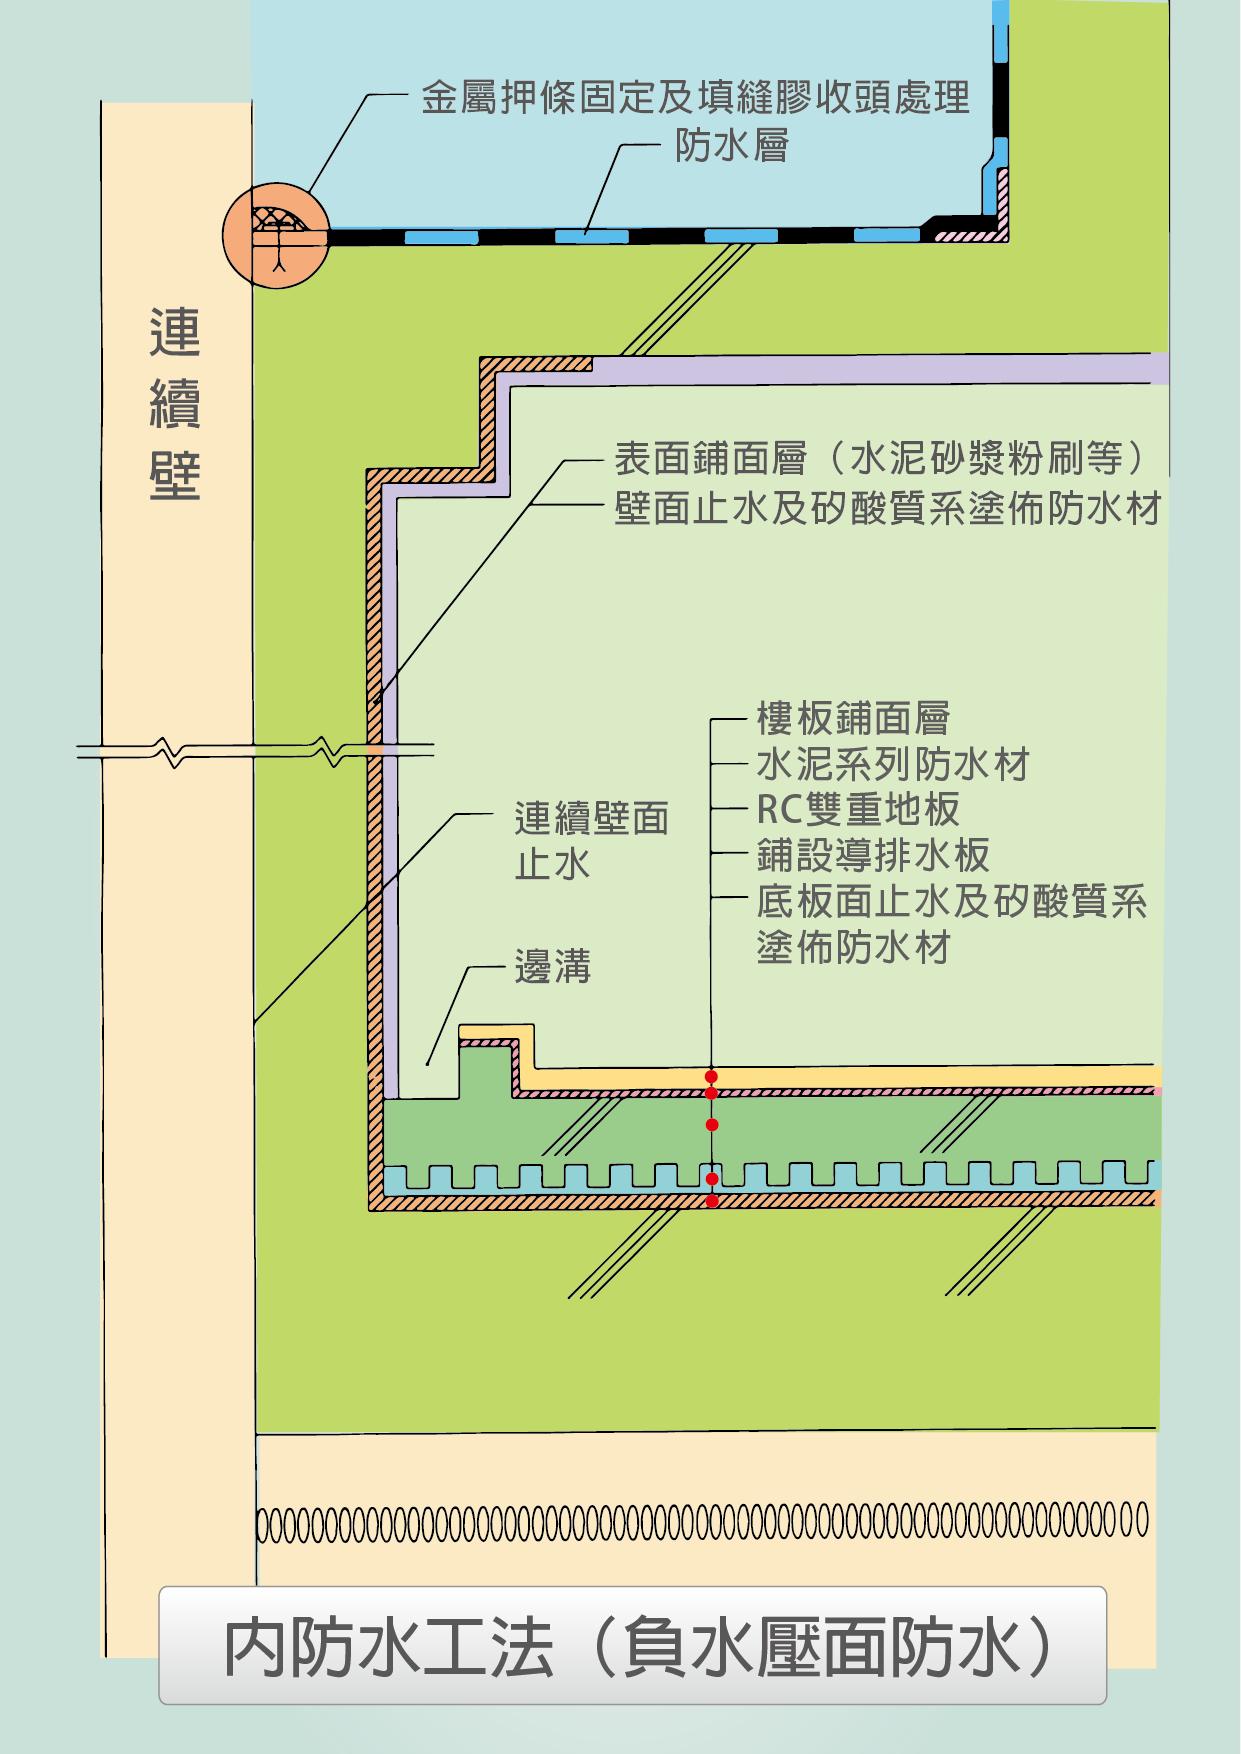 圖2-4-78(圖例二).png